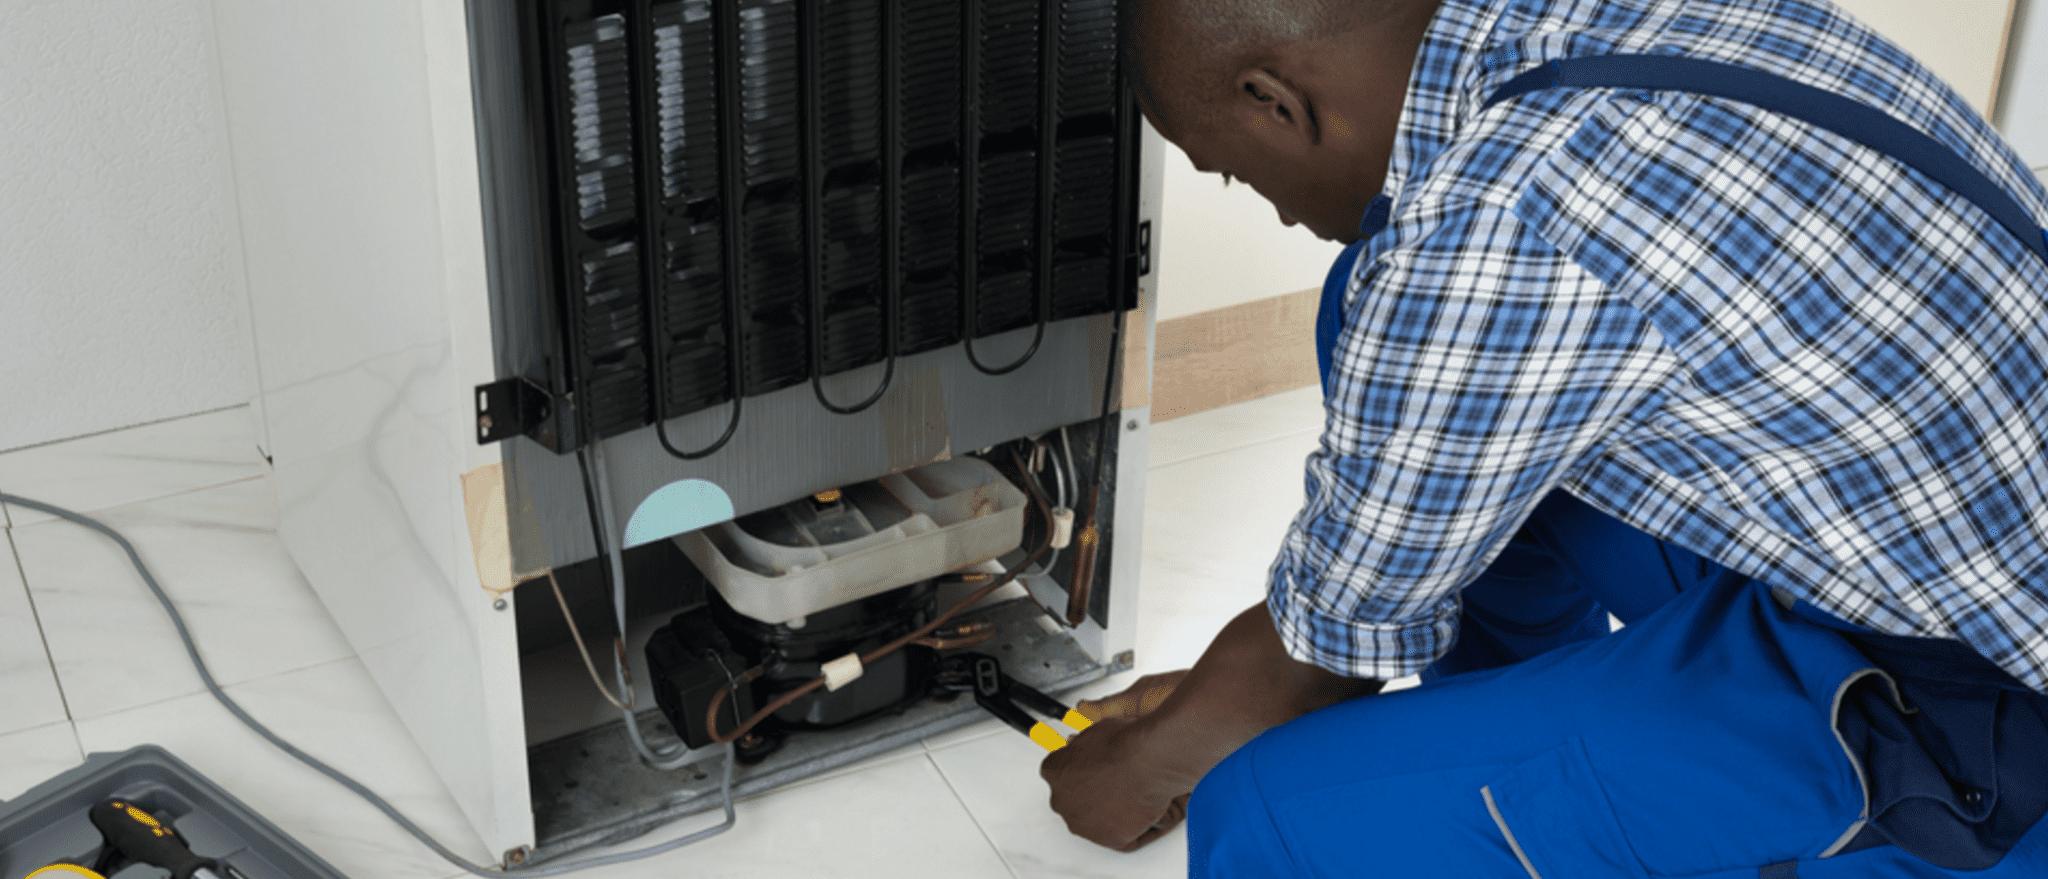 Freezers Appliance Maintenance Repair A Tech Appliance